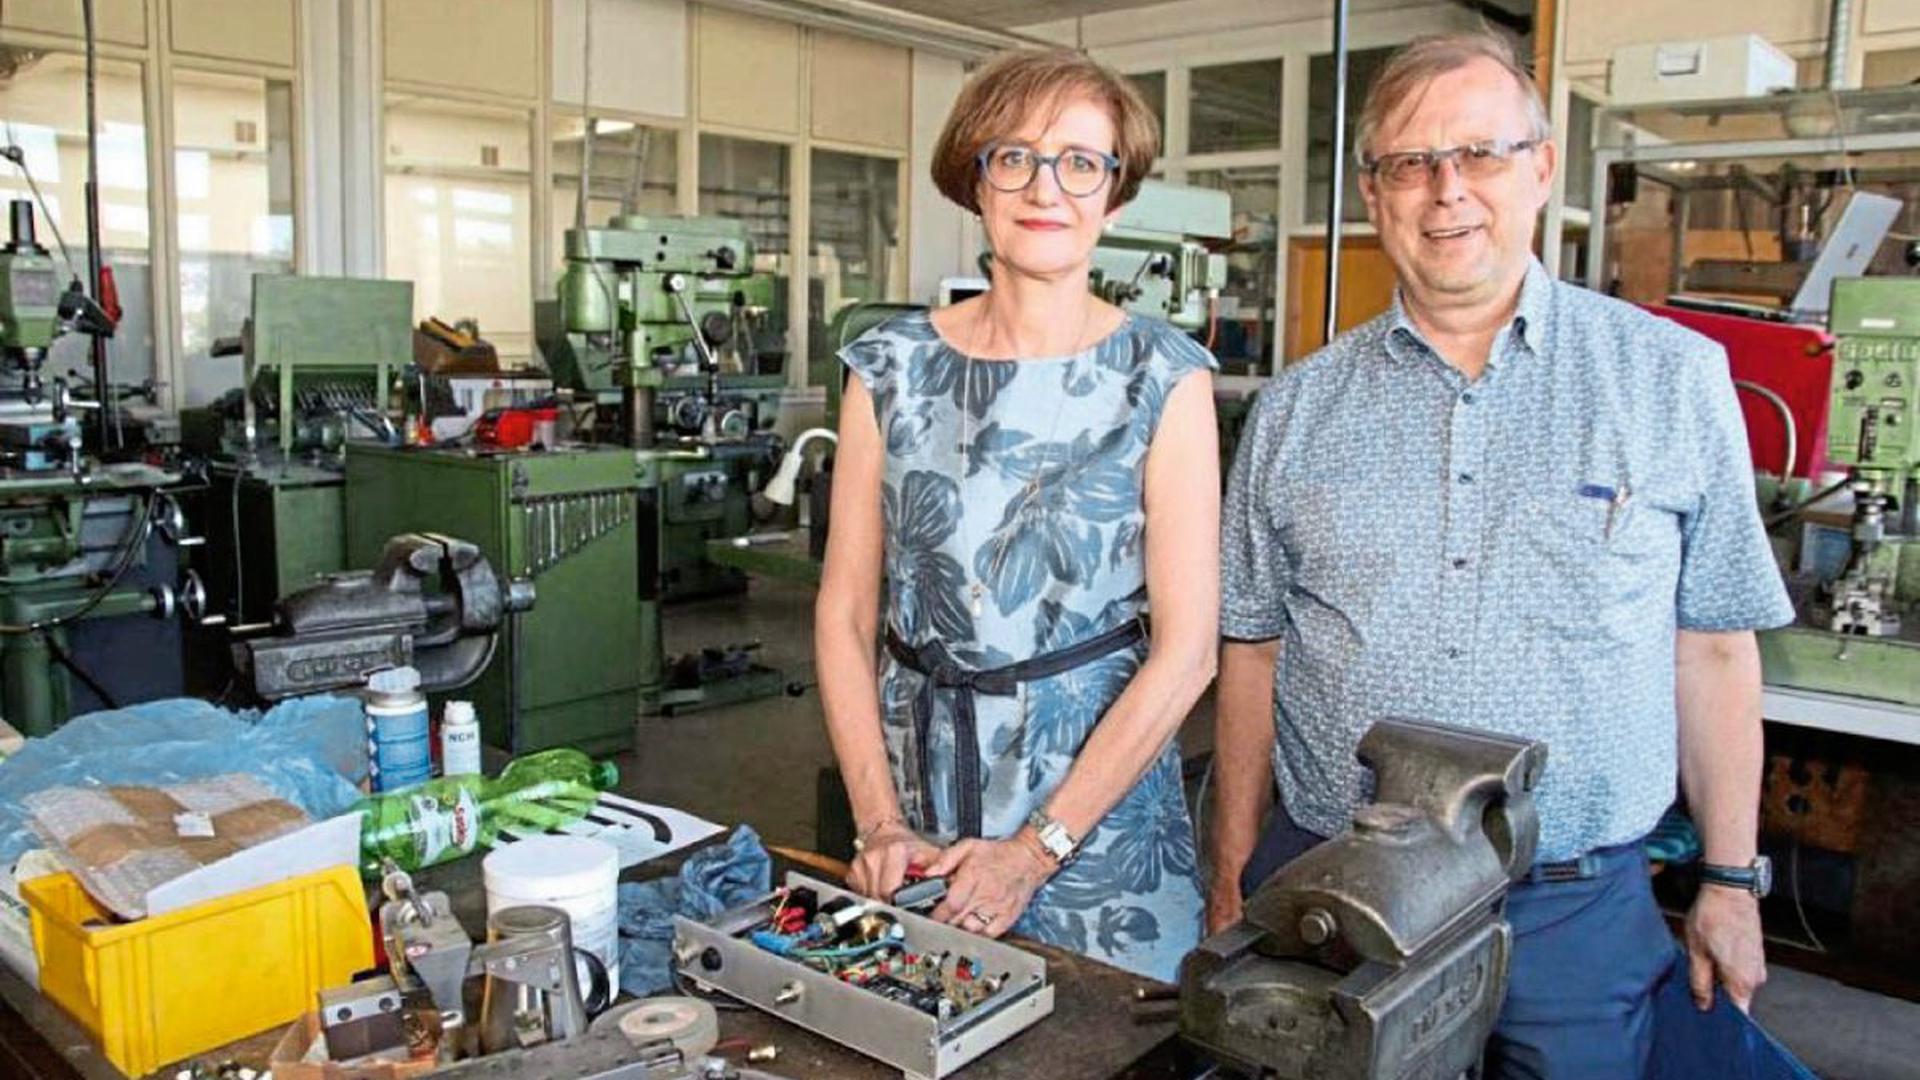 In der Köhle-Produktion wird noch bis Ende August gearbeitet, dann beginnen Karina und Norbert Ratzlaff mit der Abwicklung der Schmuckfirma und beenden eine Pforzheimer Familientradition.